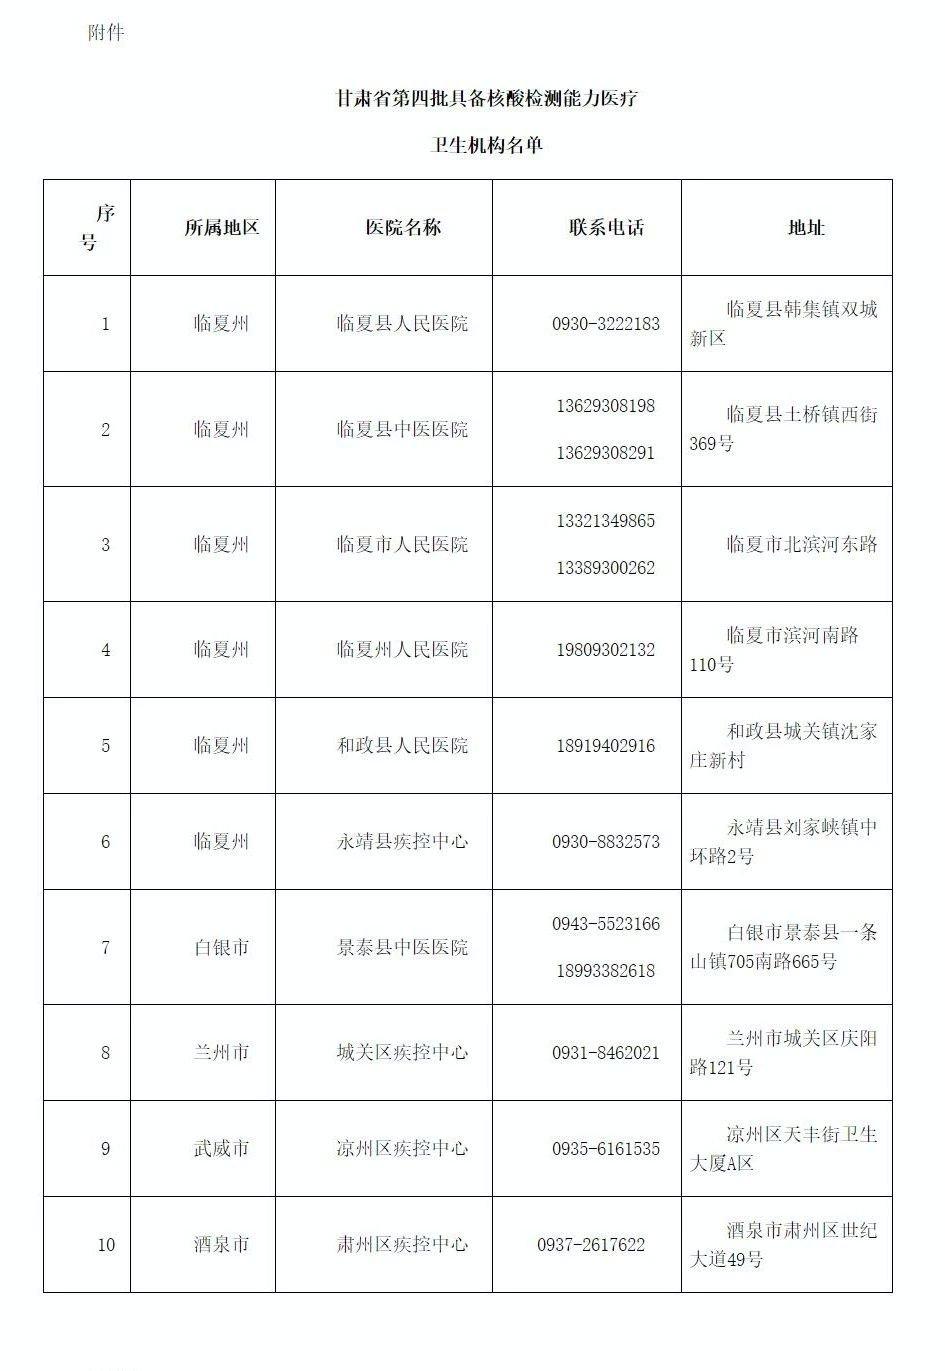 甘肃第四批核酸检测医疗机构名单一览